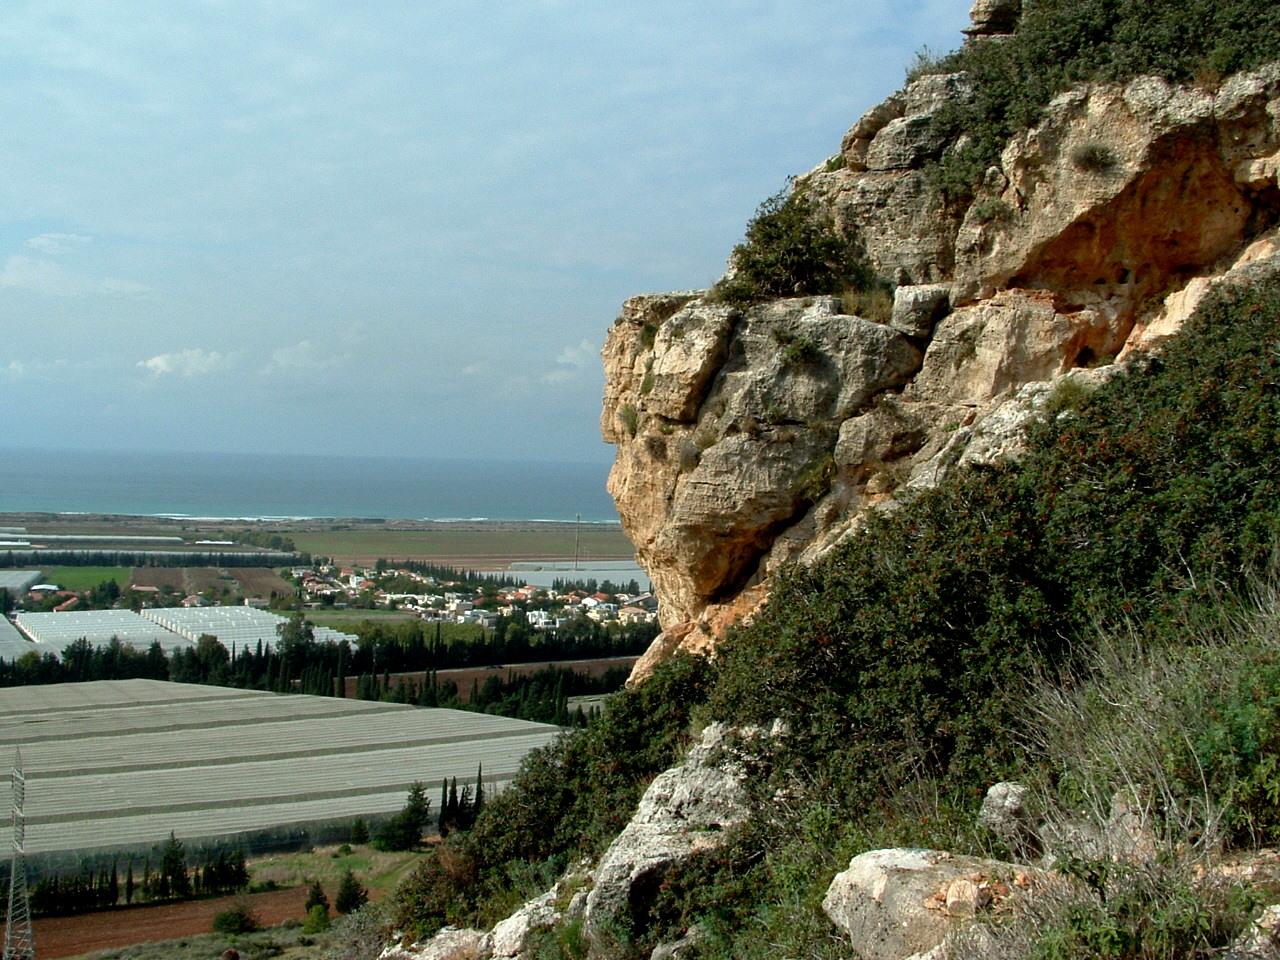 מצוק מגדים מישור החוף הצפוני מול מושב מגדים , הר הכרמל